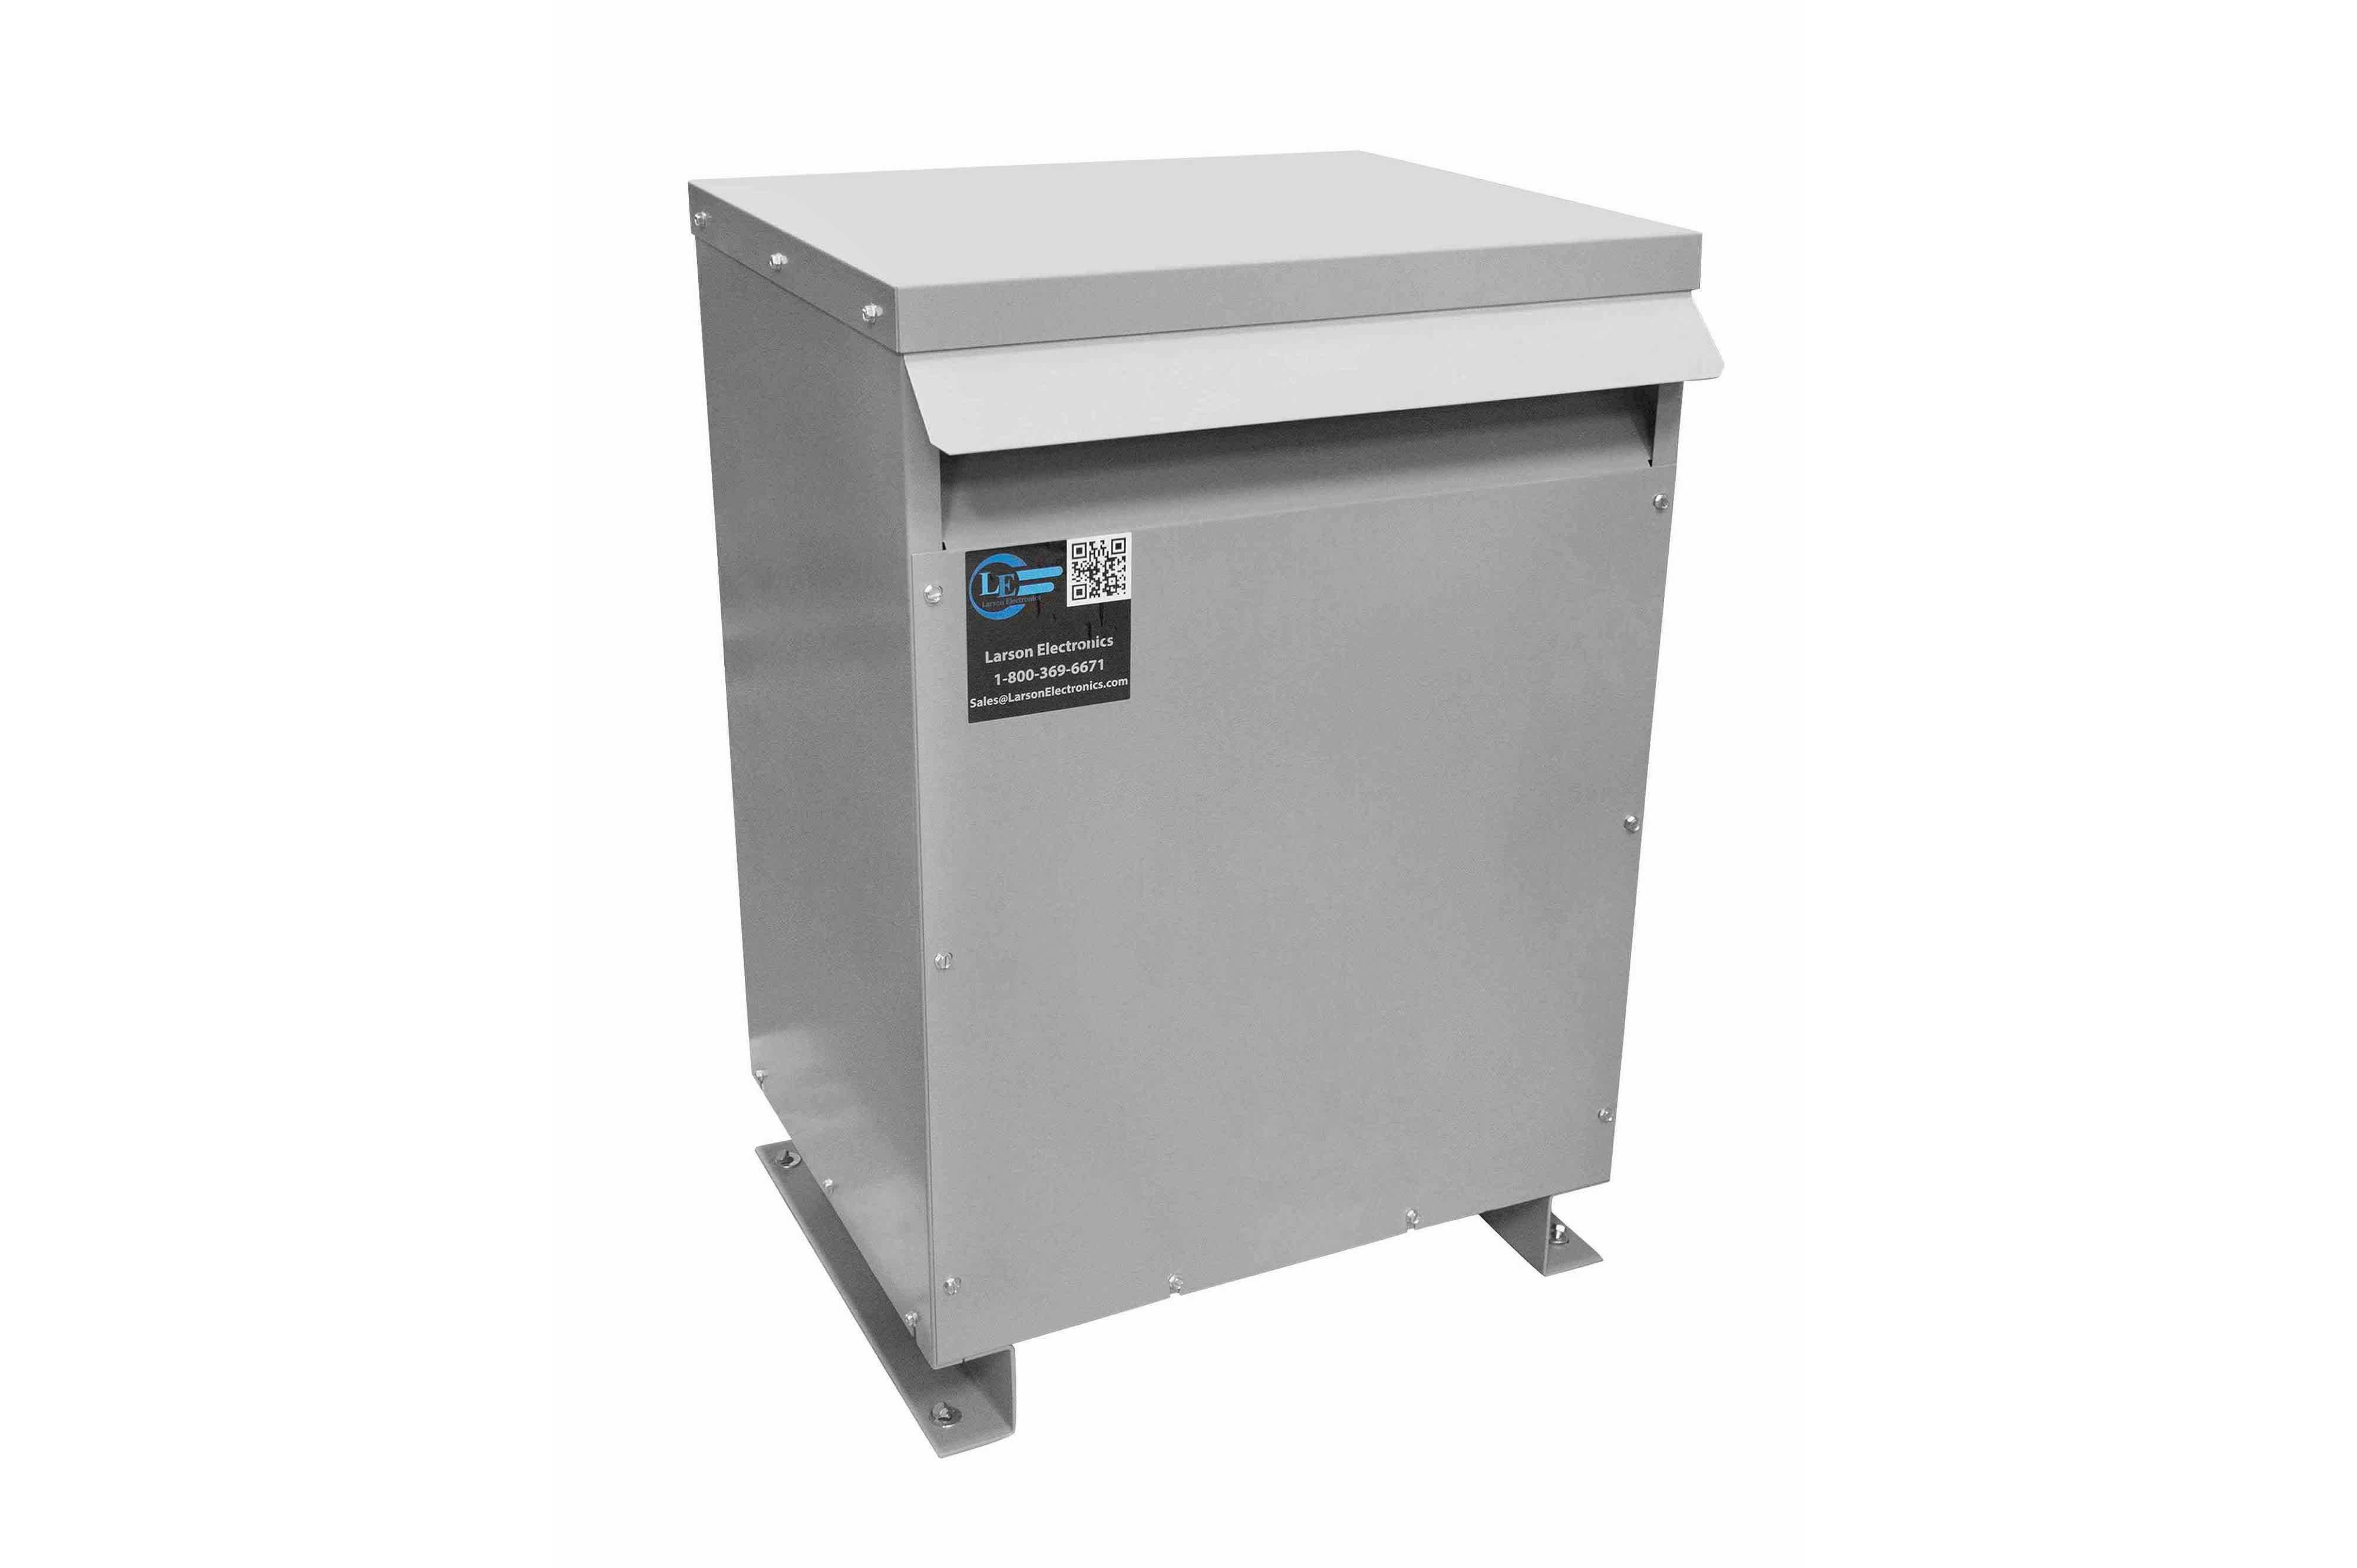 150 kVA 3PH Isolation Transformer, 480V Delta Primary, 600V Delta Secondary, N3R, Ventilated, 60 Hz